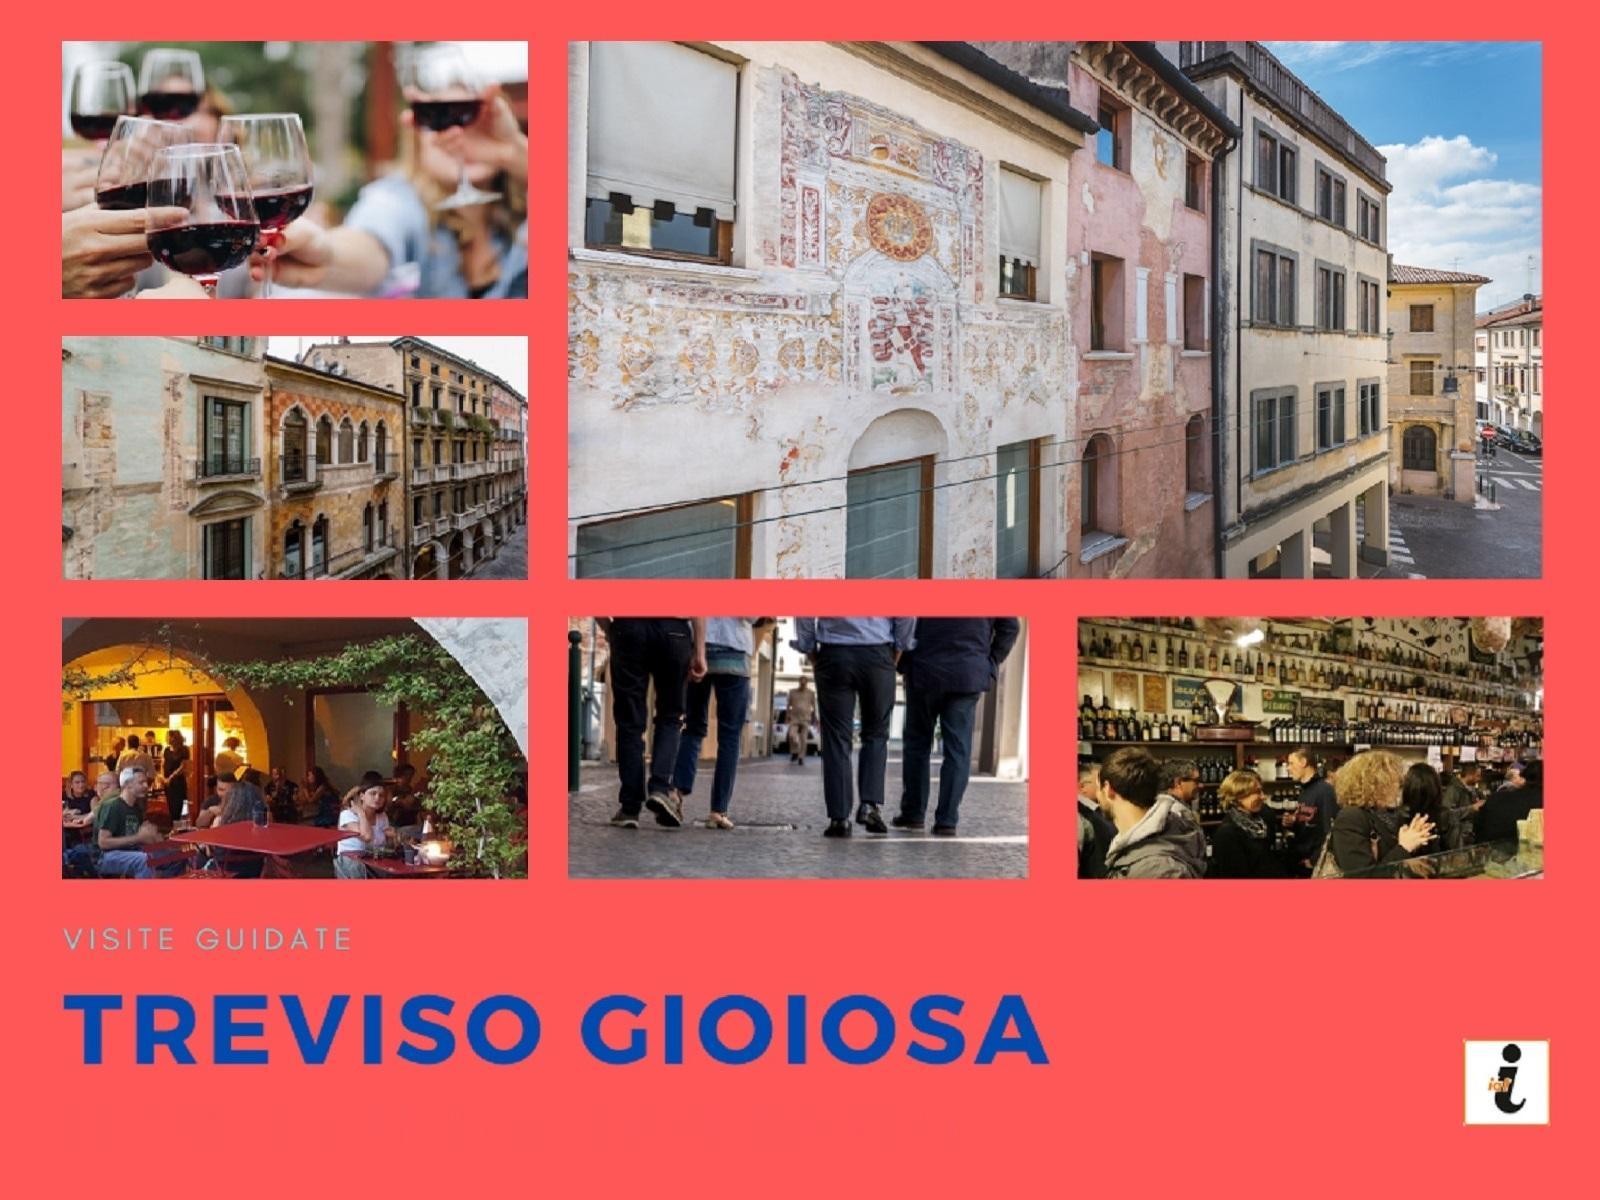 Treviso gioiosa